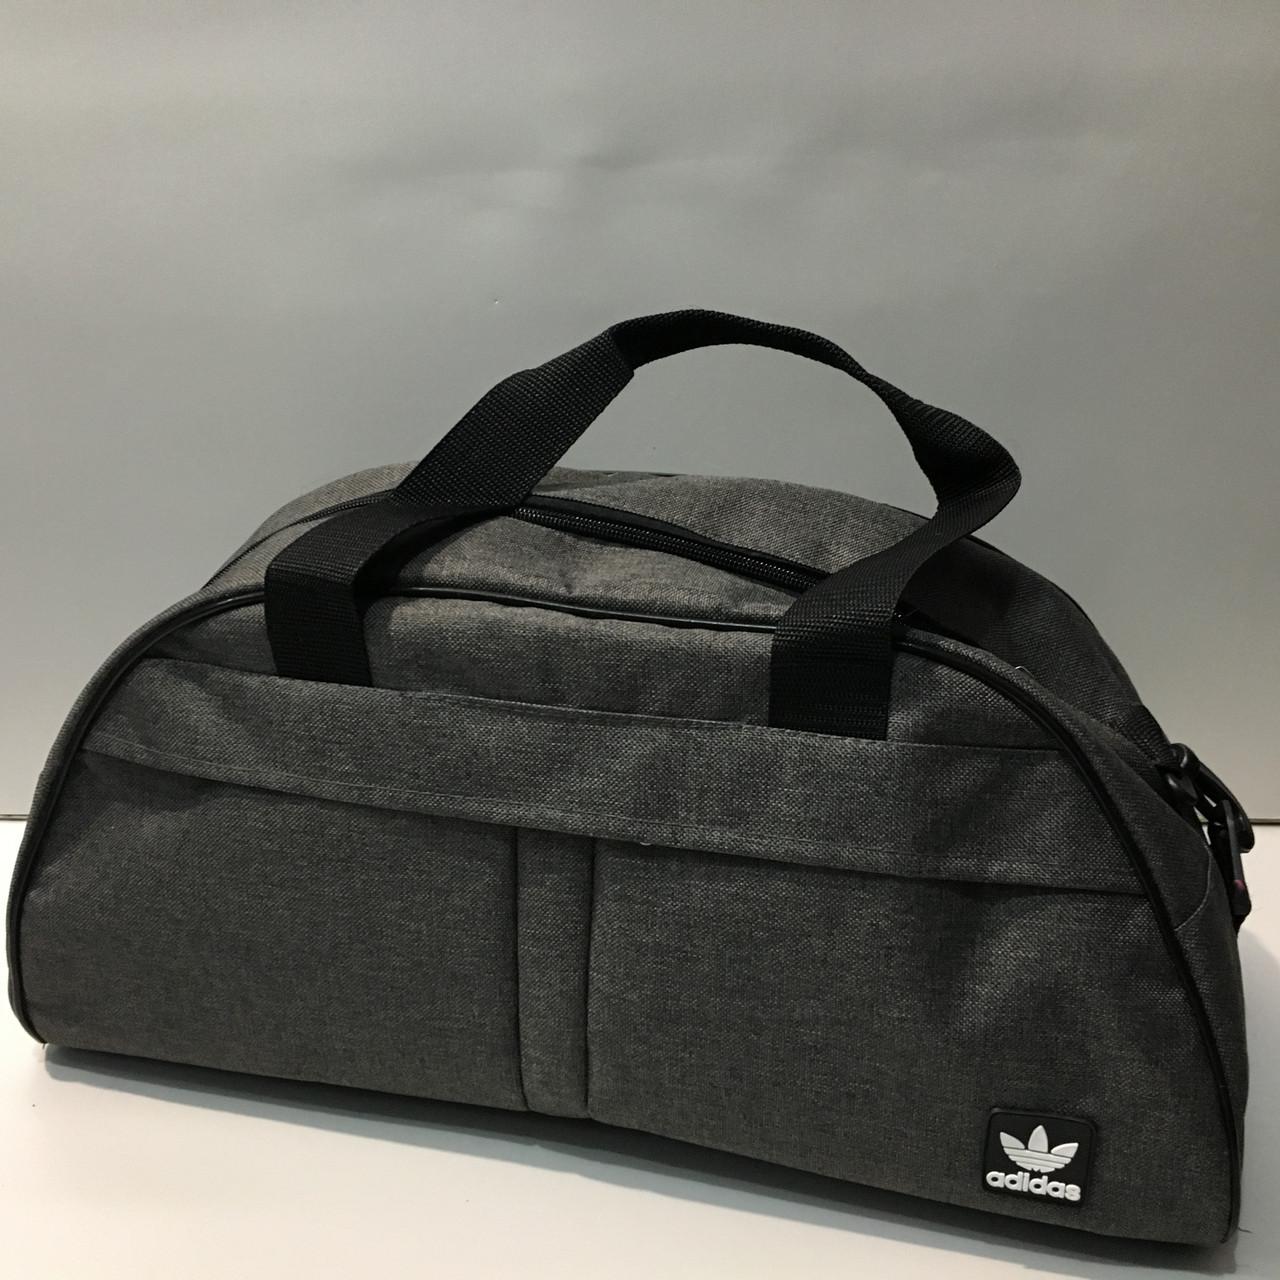 4cf2fe84fd3e модная спортивная сумка Adidas только опт продажа цена в харькове